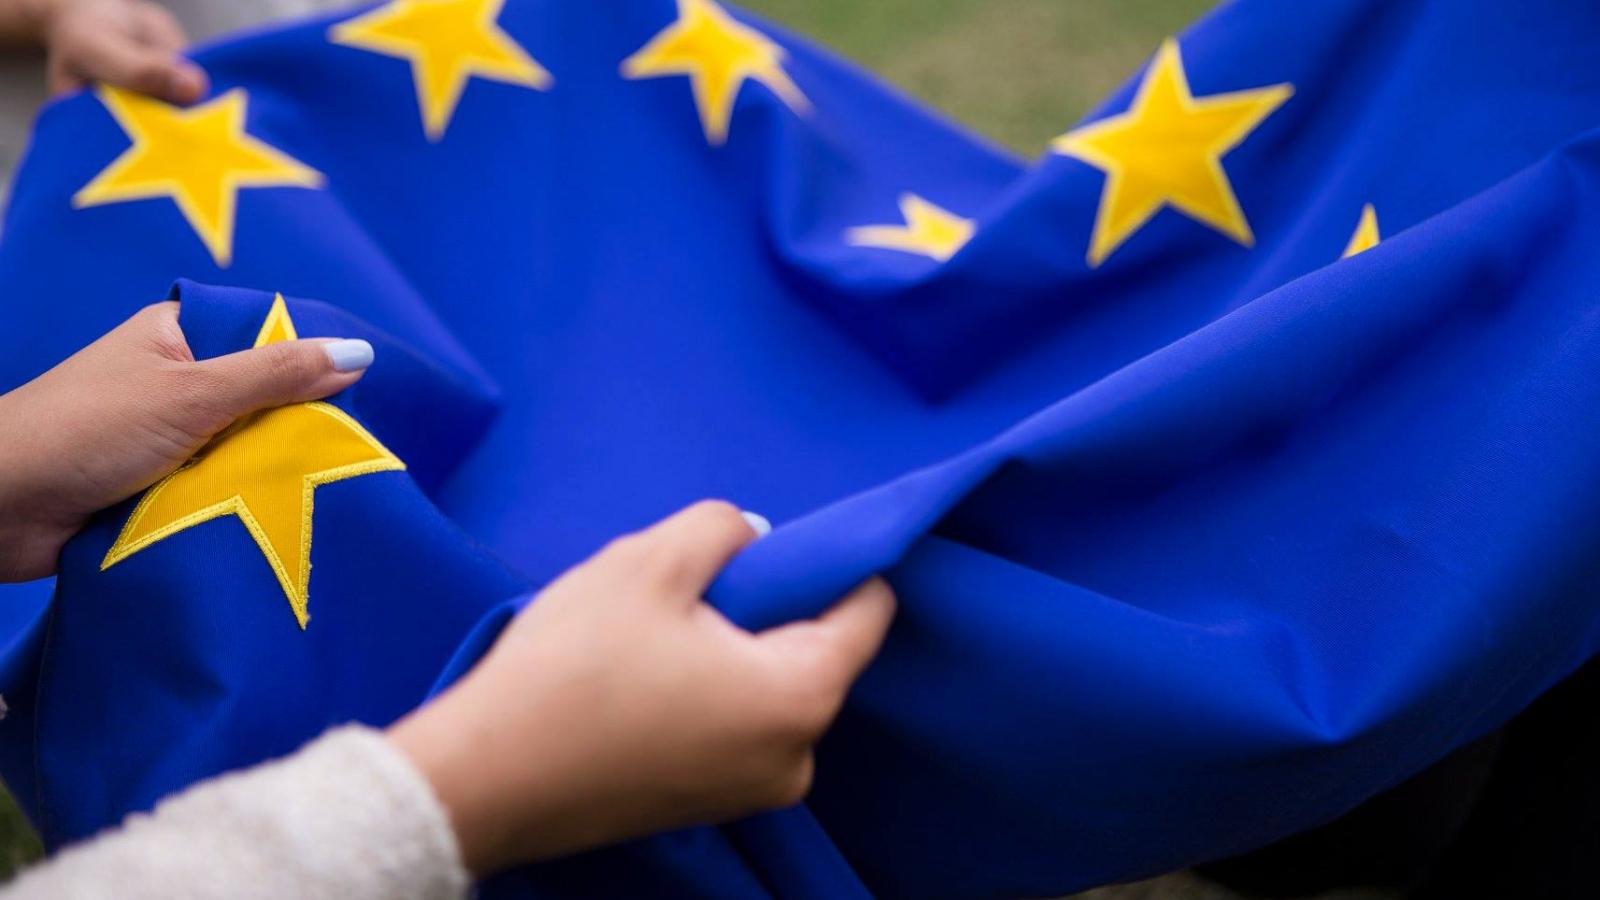 ЕС: Украине должен быть возвращен контроль над границей